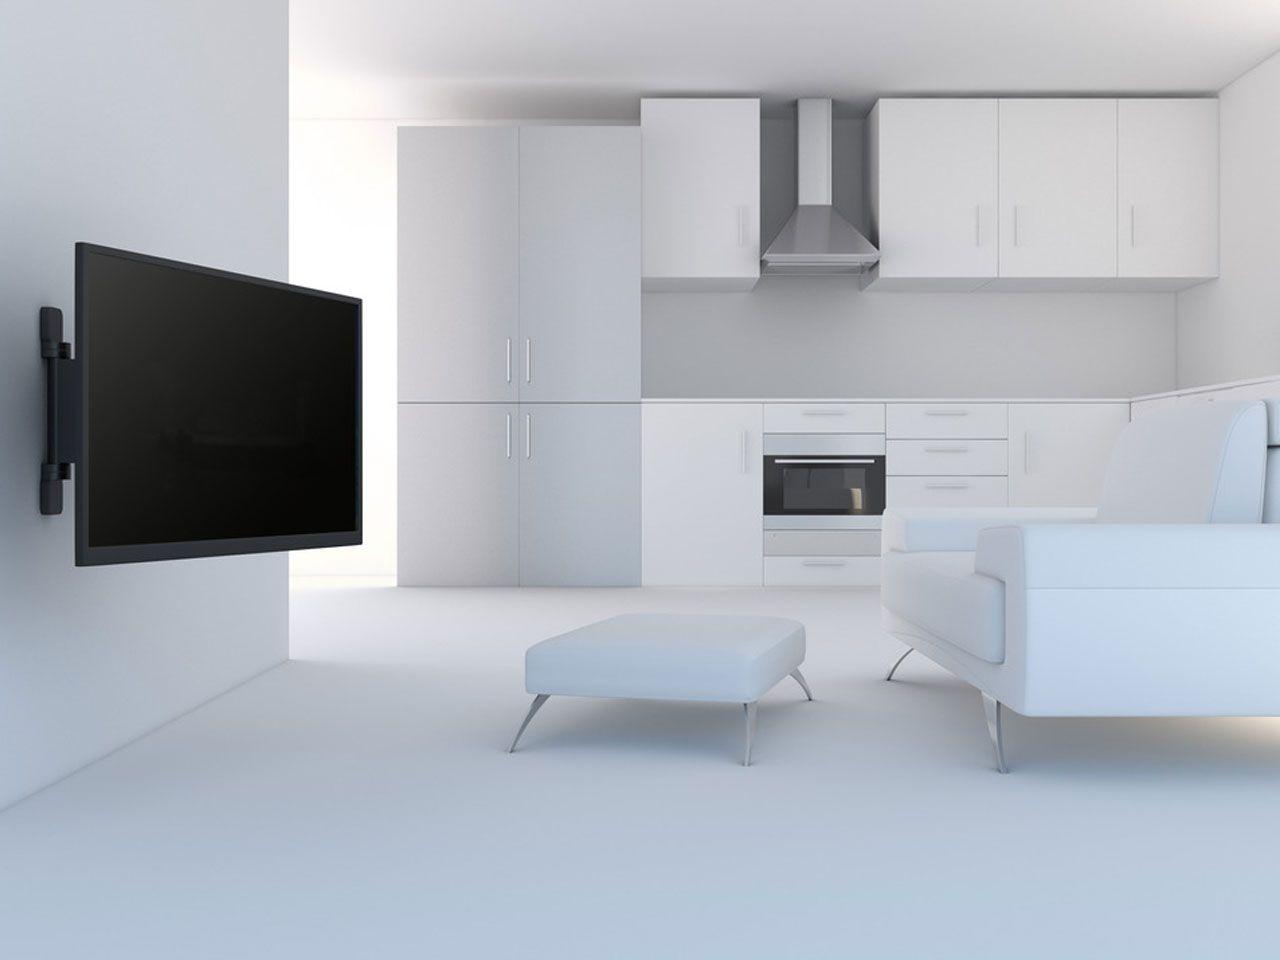 Machen Sie Es Sich Einfacher Und Nutzen Sie Unsere Elektrisch Schwenkbare TV  Wandhalterung Um Bildschirm Bis 55 Zoll Einfach Mit Der Fernbedienung Um 30  ...